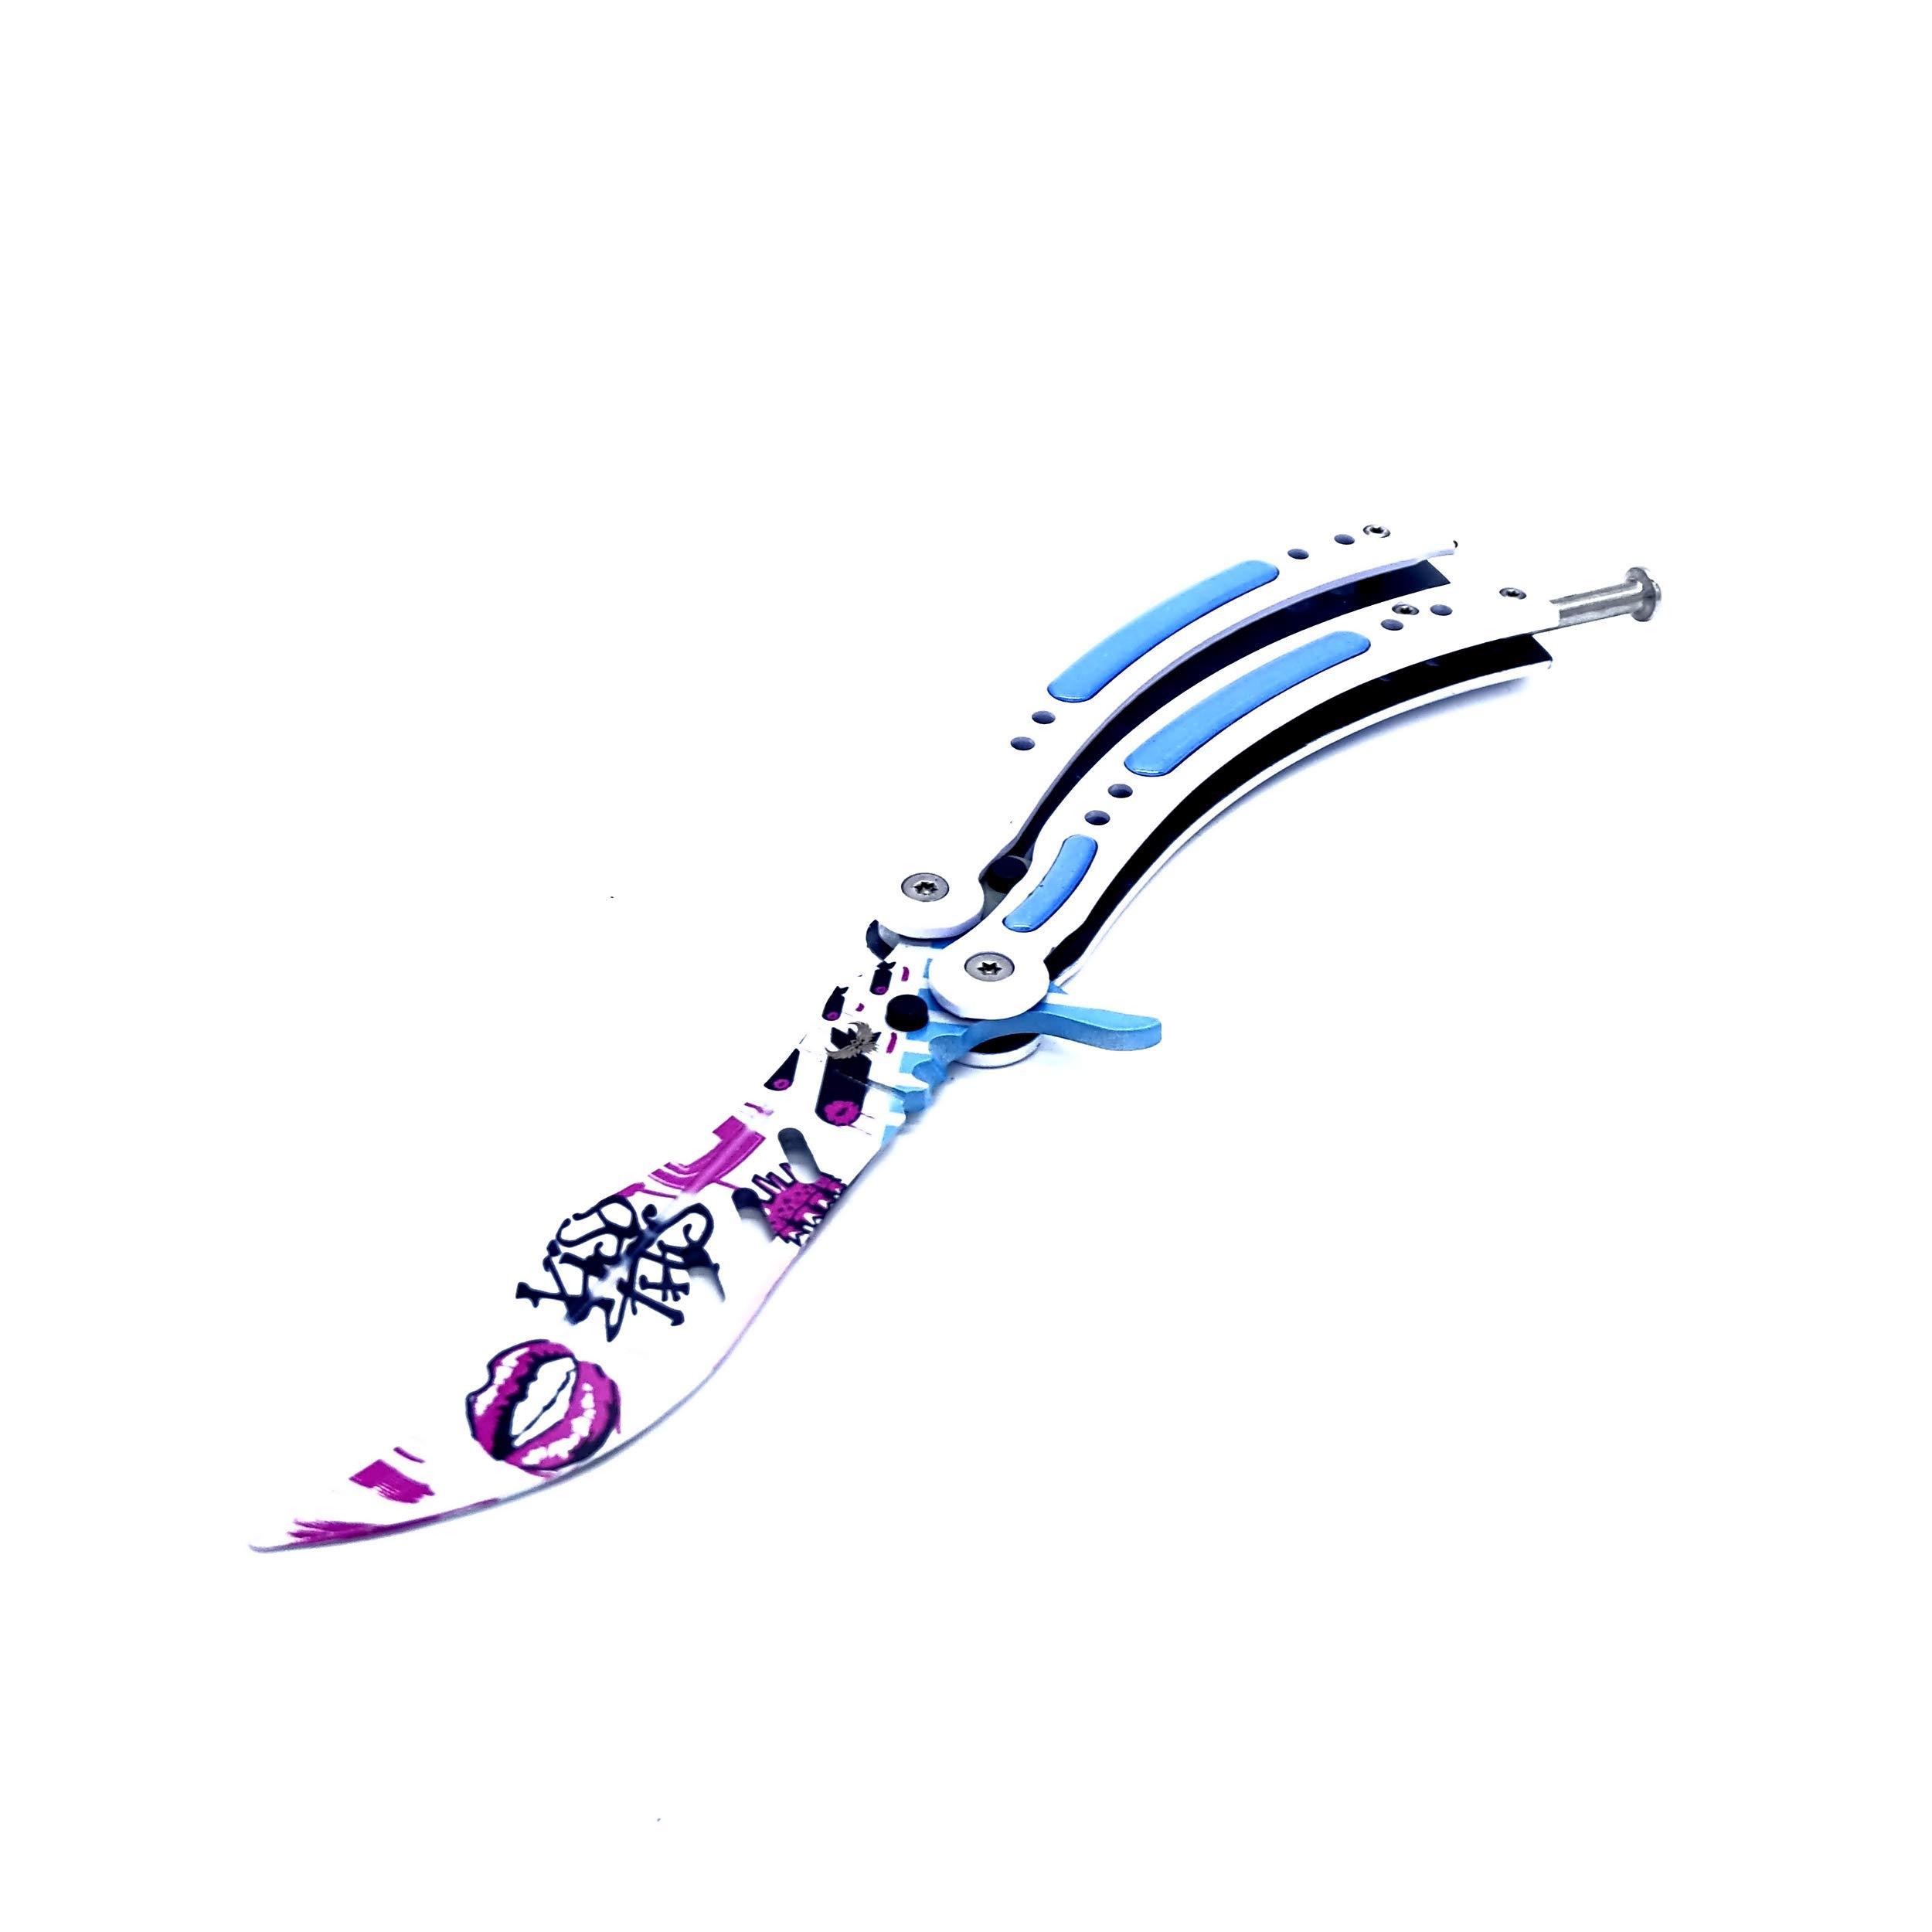 EpicKnives CS GO Balisong Trainer Butterfly Trainer Practice Knife csgo Butterfly Knife - C0-10 (Dull Blade) V3